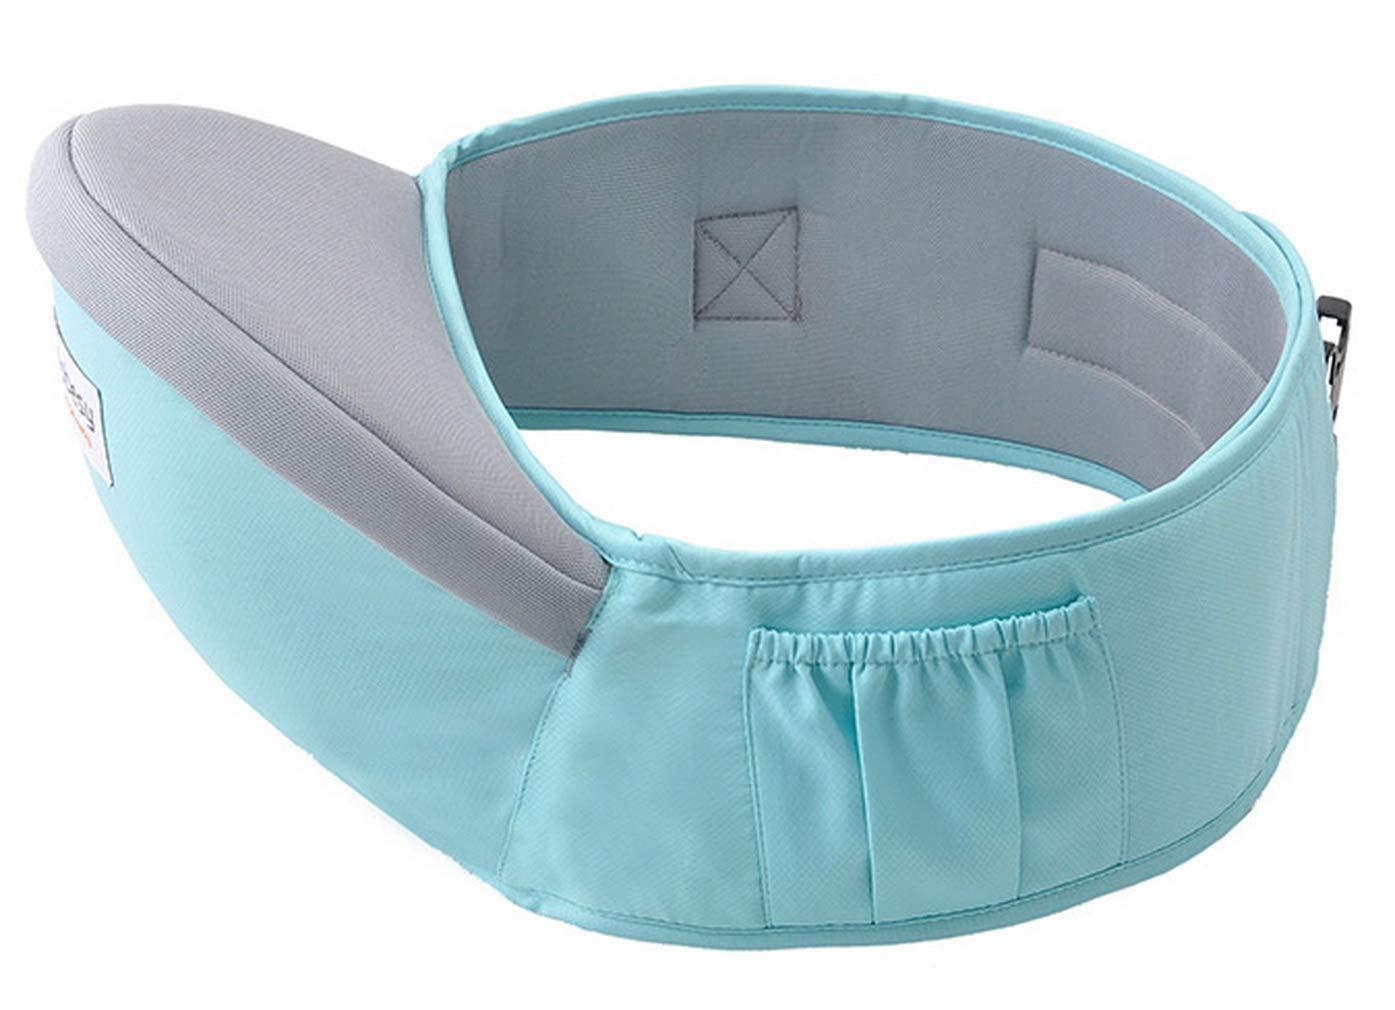 DEMU Babytrage Taille Hocker Sitzträ ger Baby Hipseat Waist Stool Belt (Blau)